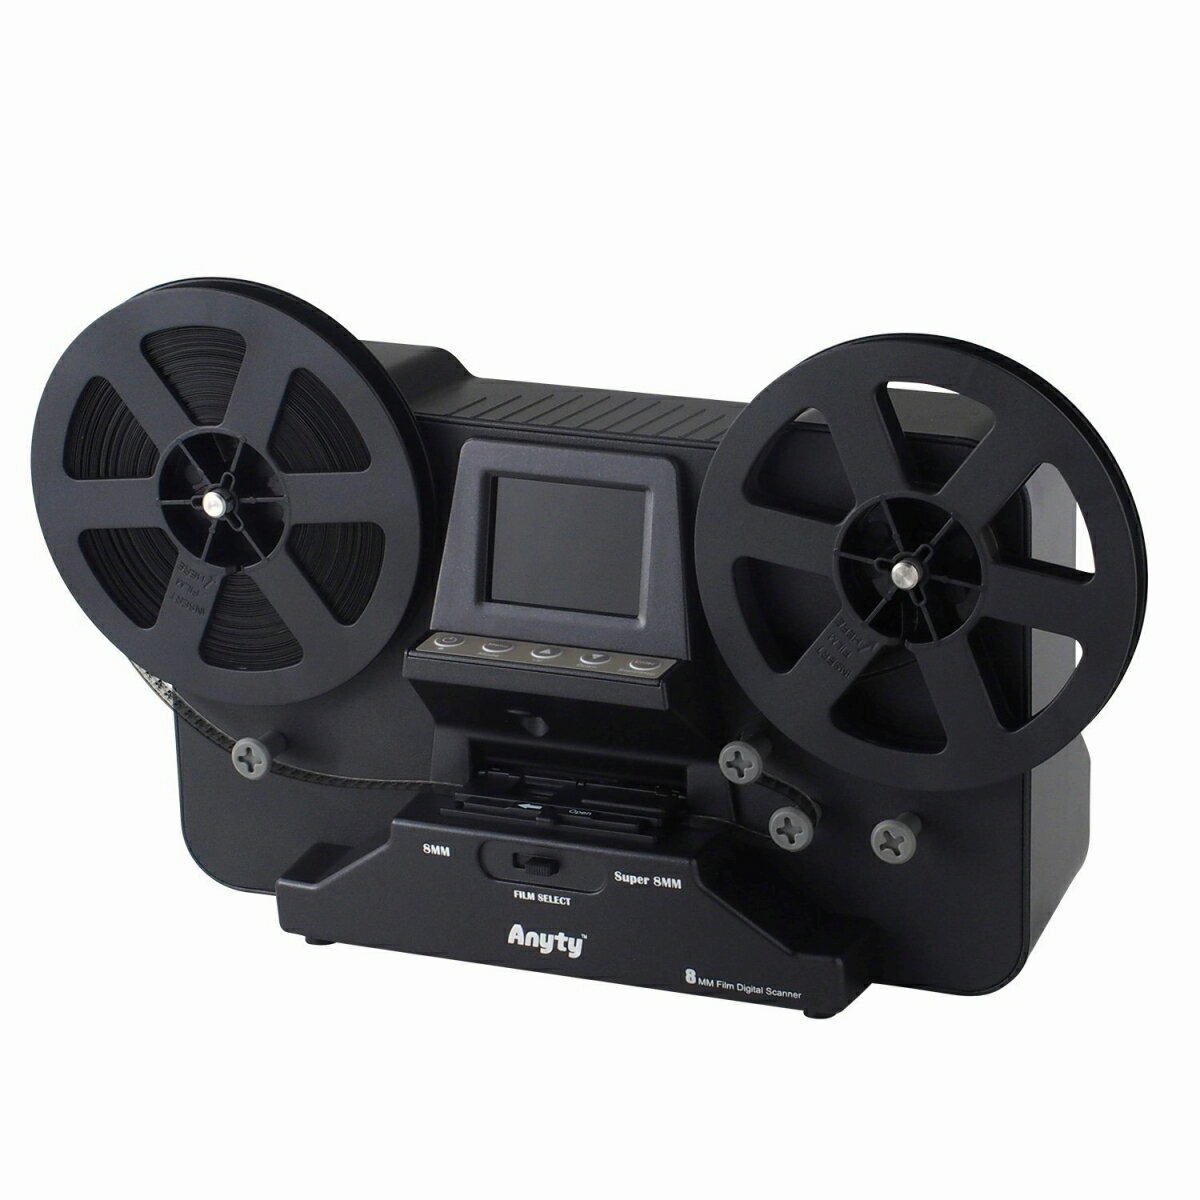 【送料無料】 3R 8mm フィルムスキャナ [Anyty (エニティ)] シングル8 スーパー8 レギュラ-8(ダブル8) 対応 デジタルコンバーター MP4 1080P USB2.08ミリ フィルム ビデオフィルム MP4 スキャナ デジタル化 簡単 映写機 パソコン スマートフォン デジタルデータ